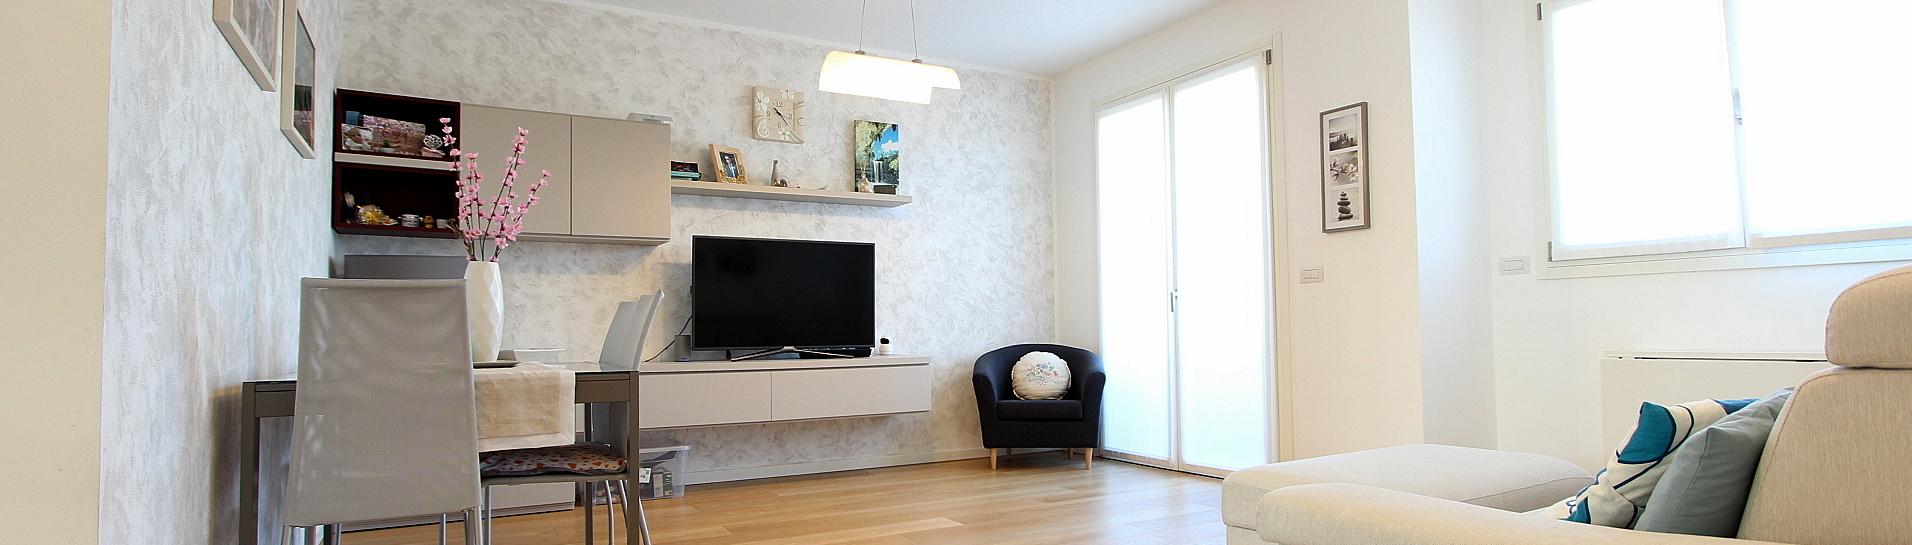 Elegante appartamento all'ultimo piano